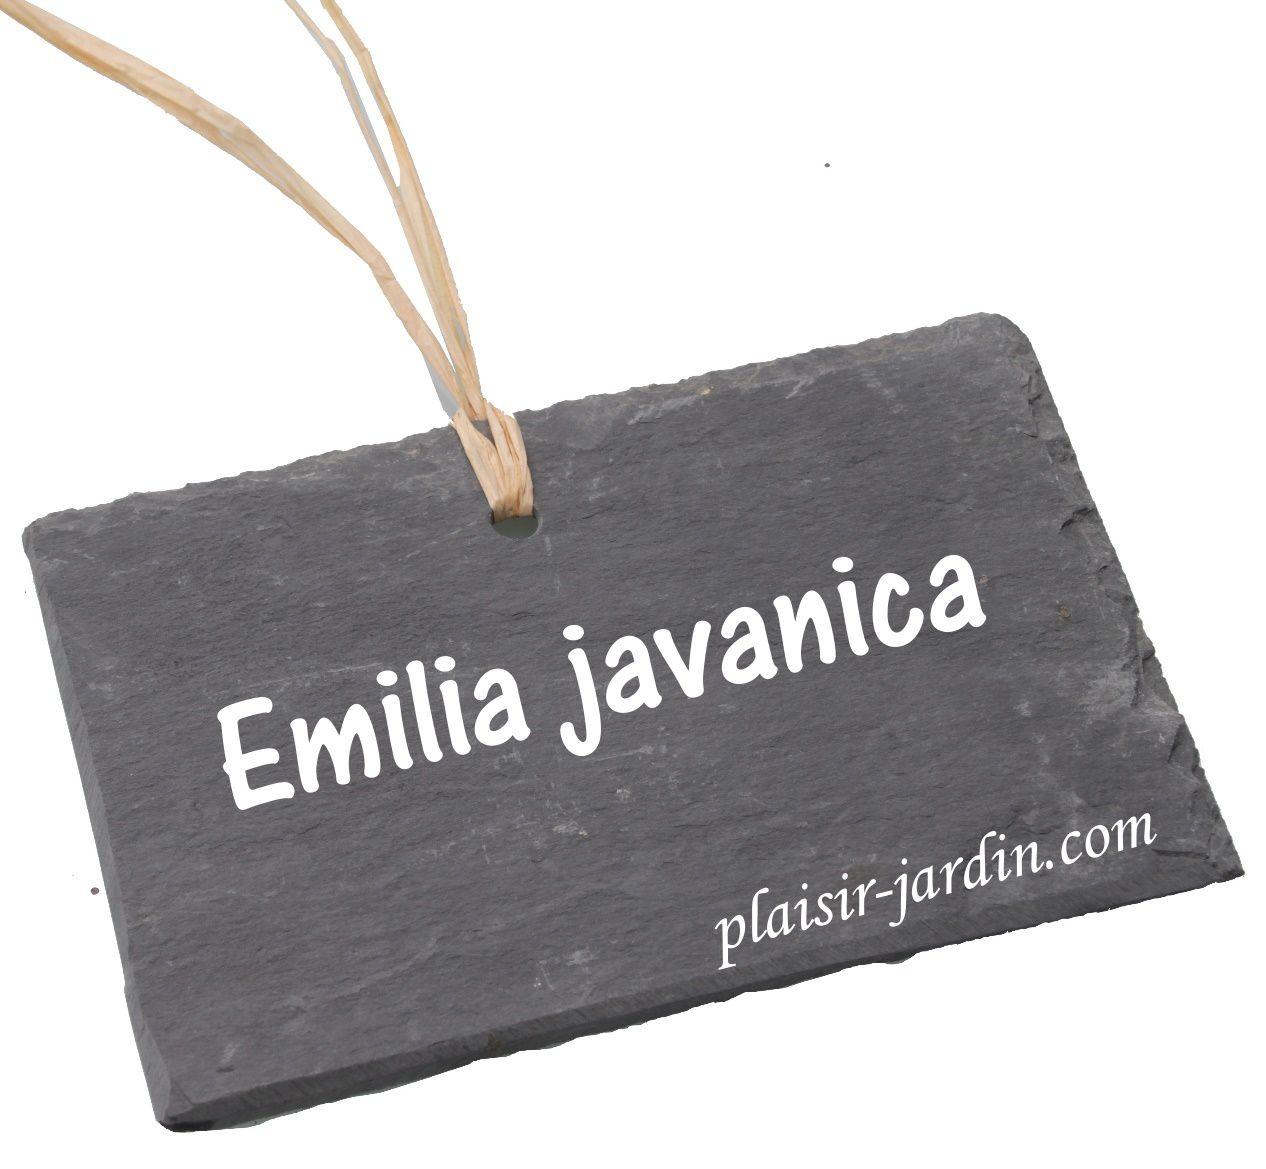 L' Emilia javanica